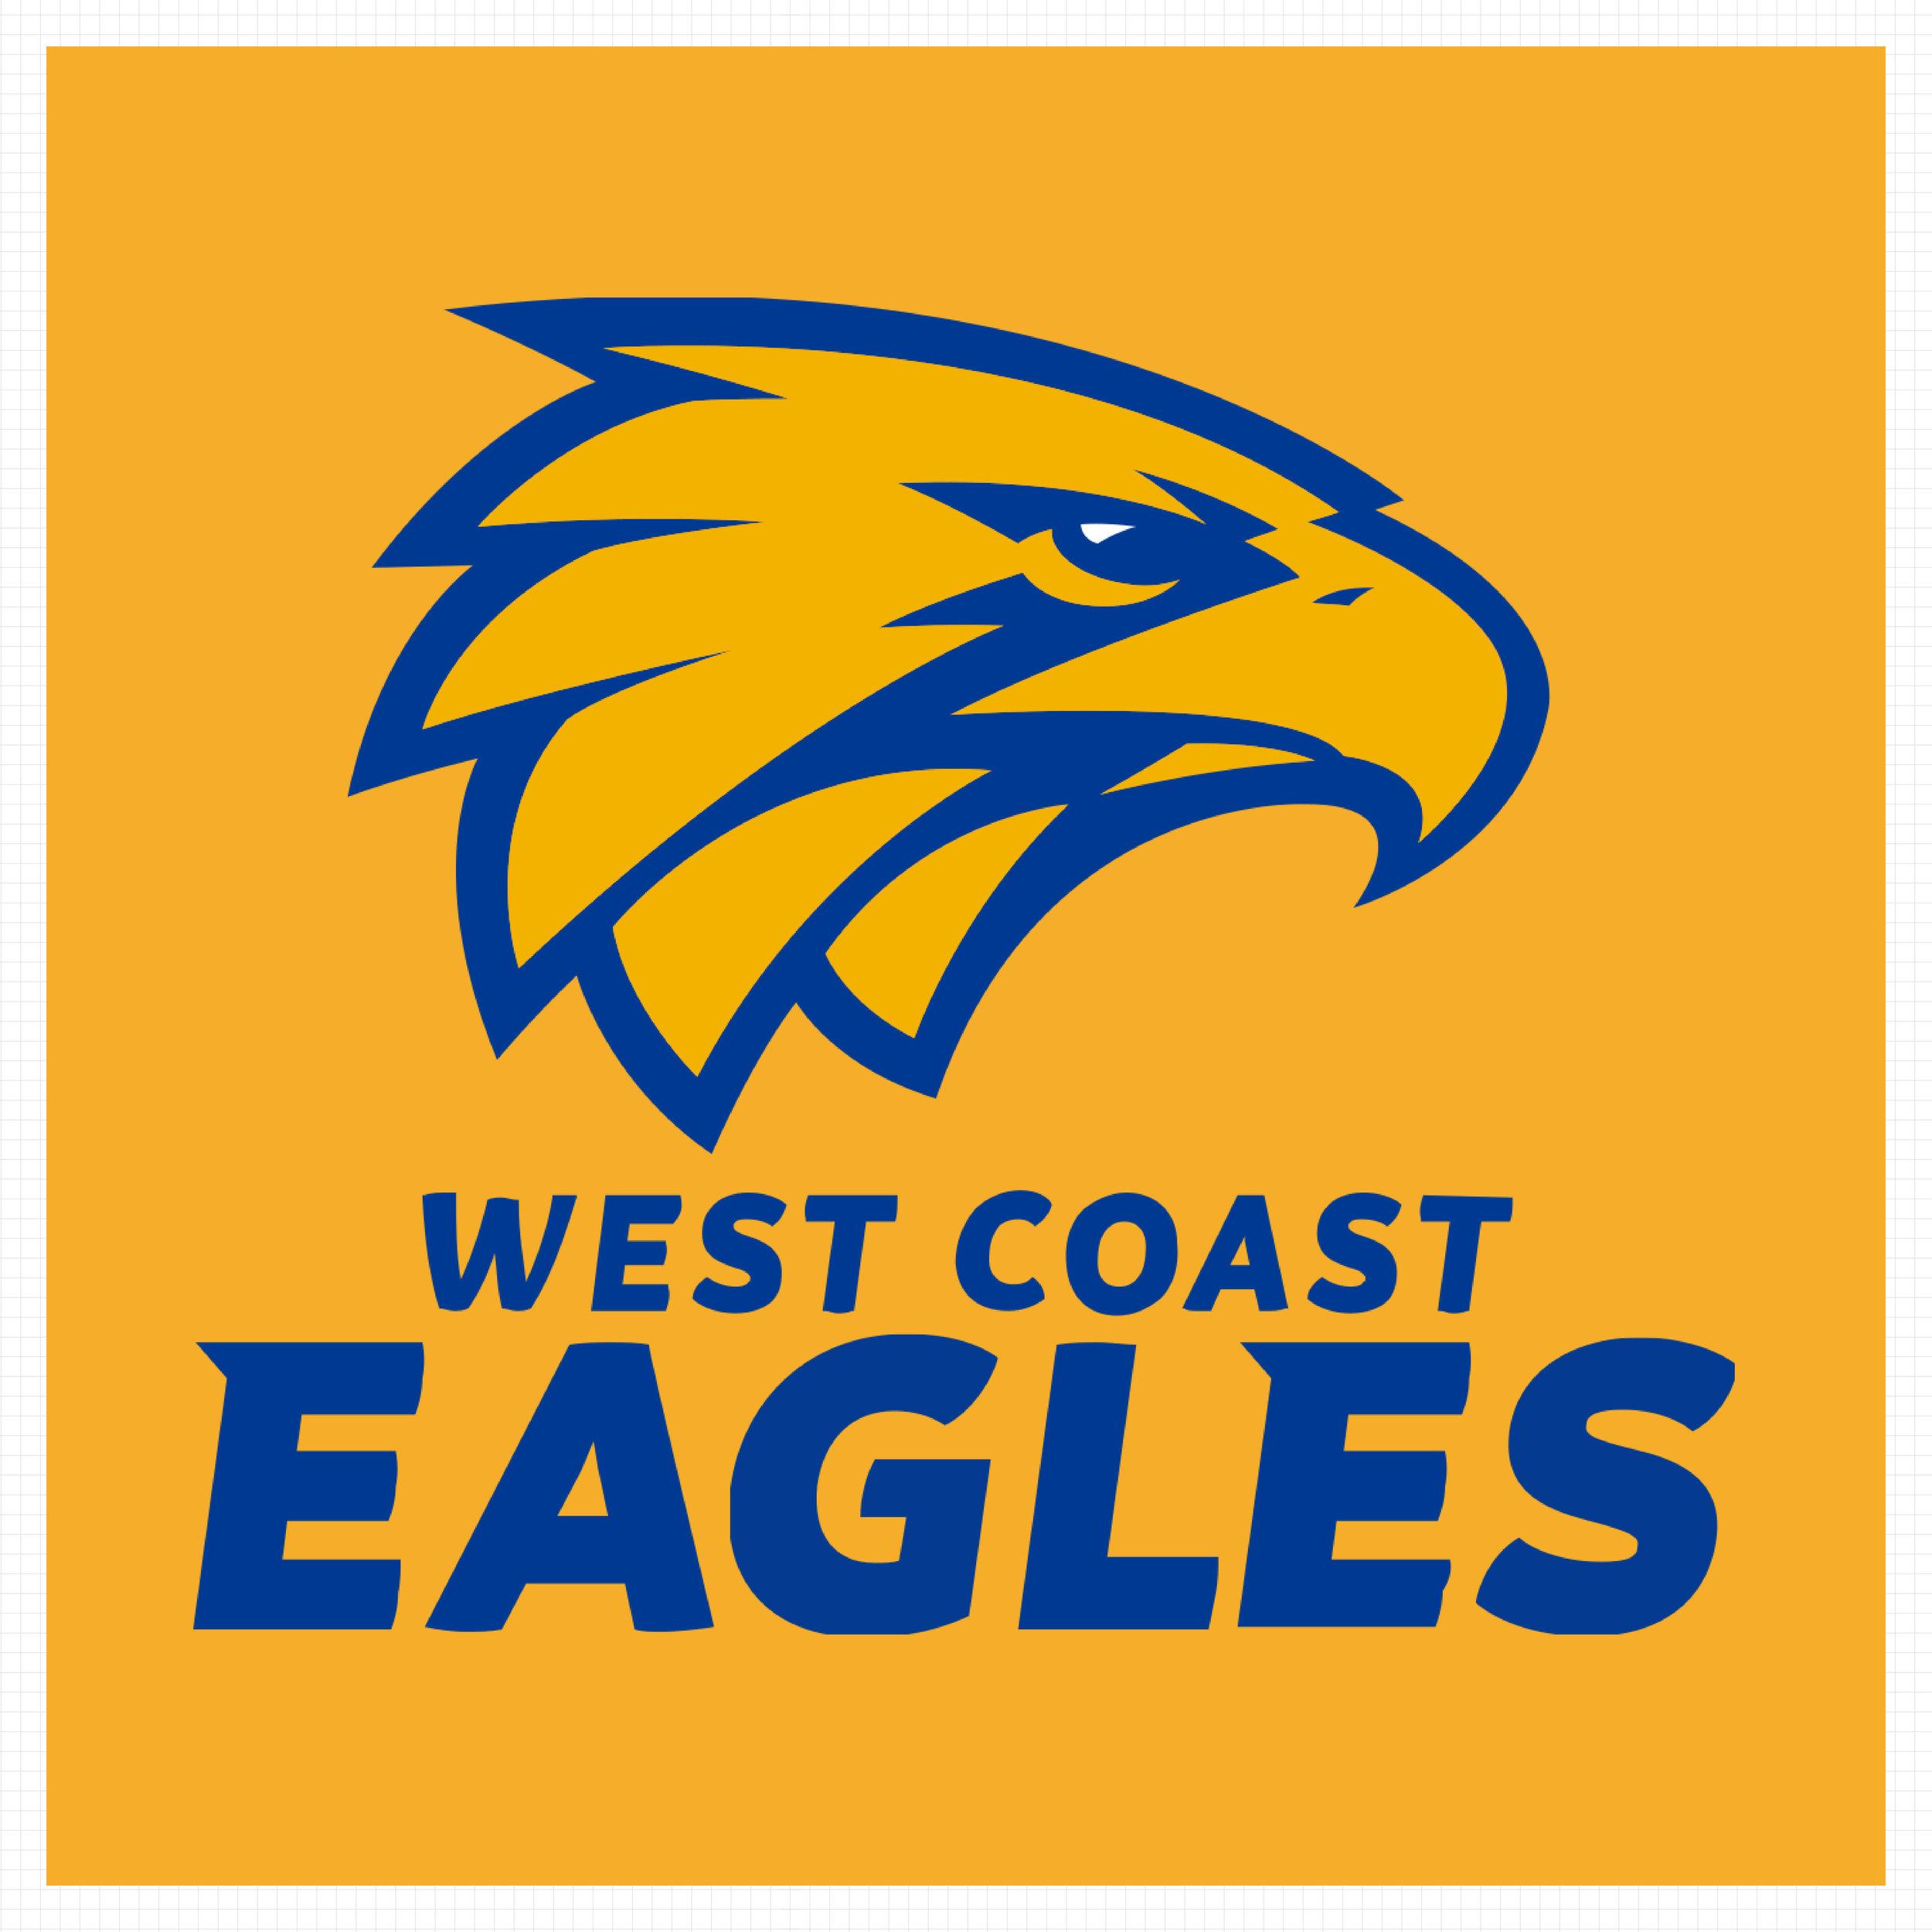 west coast eagles edited .jpg